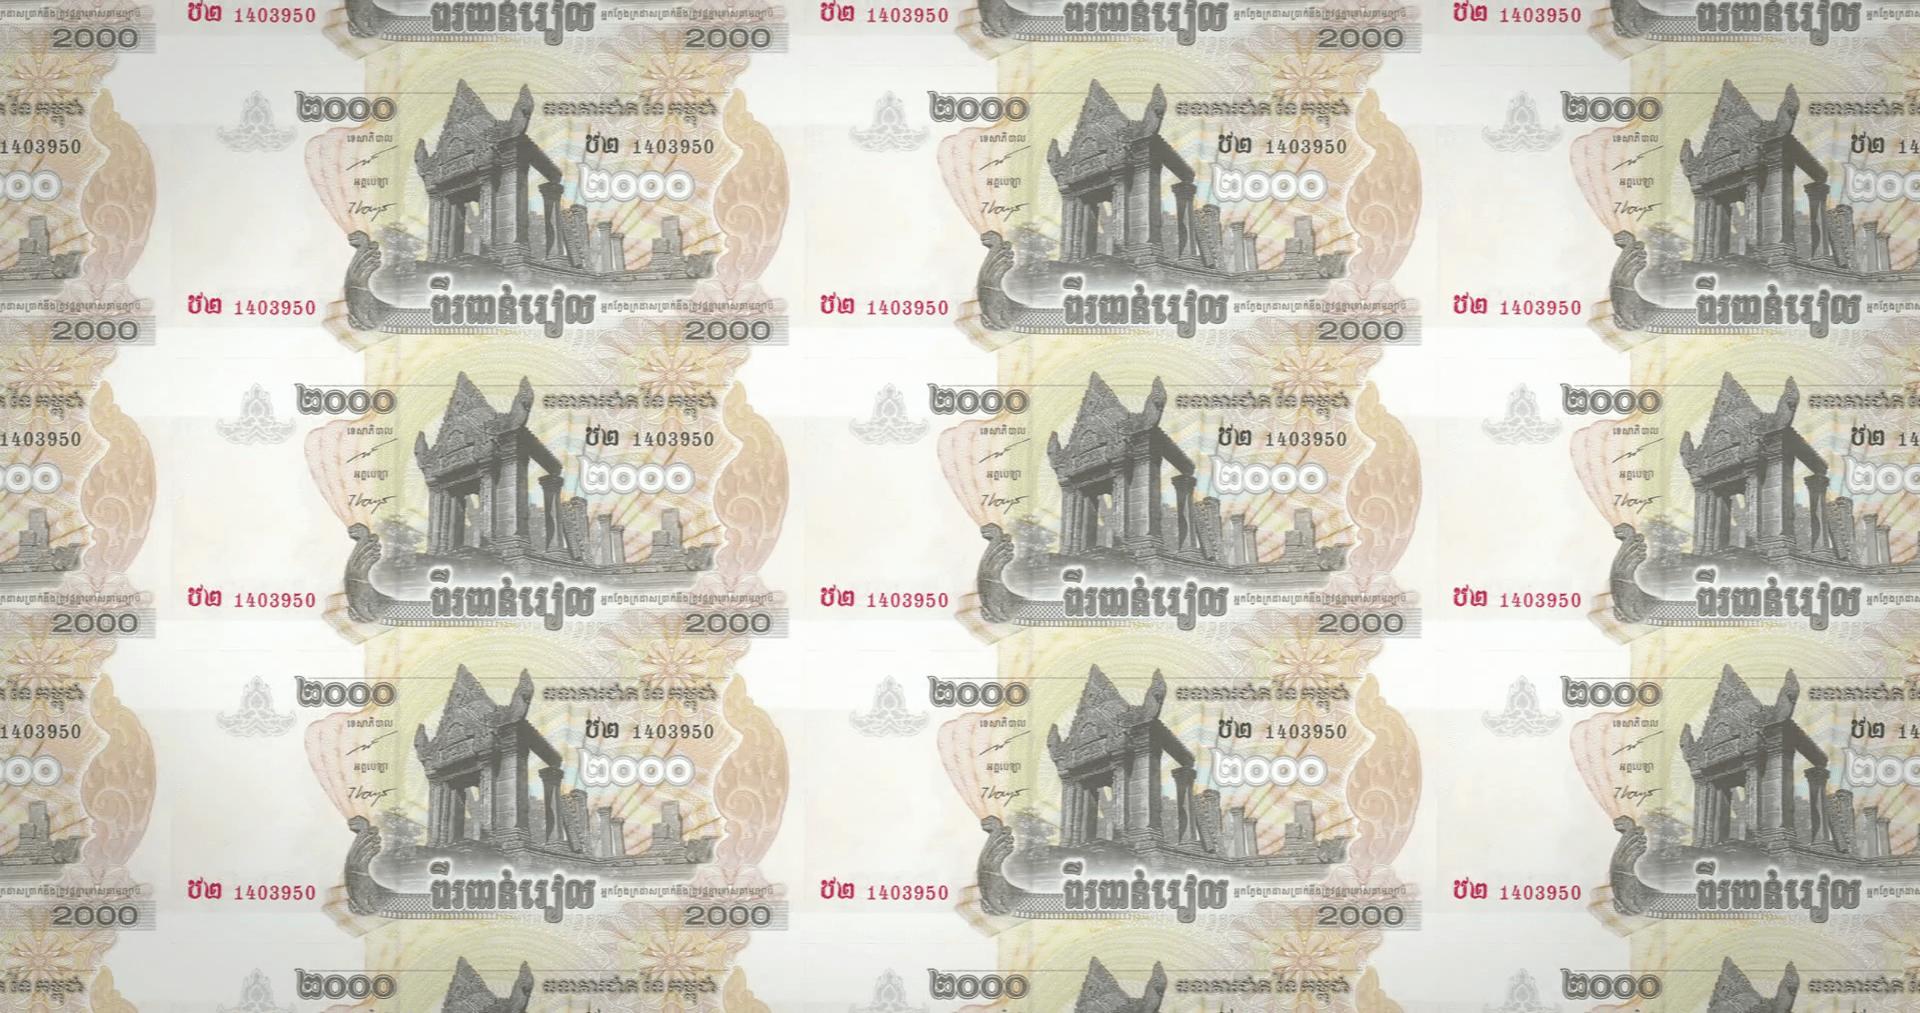 Kamboçyanın para birimi: tarih, döviz, fotoğraf 56